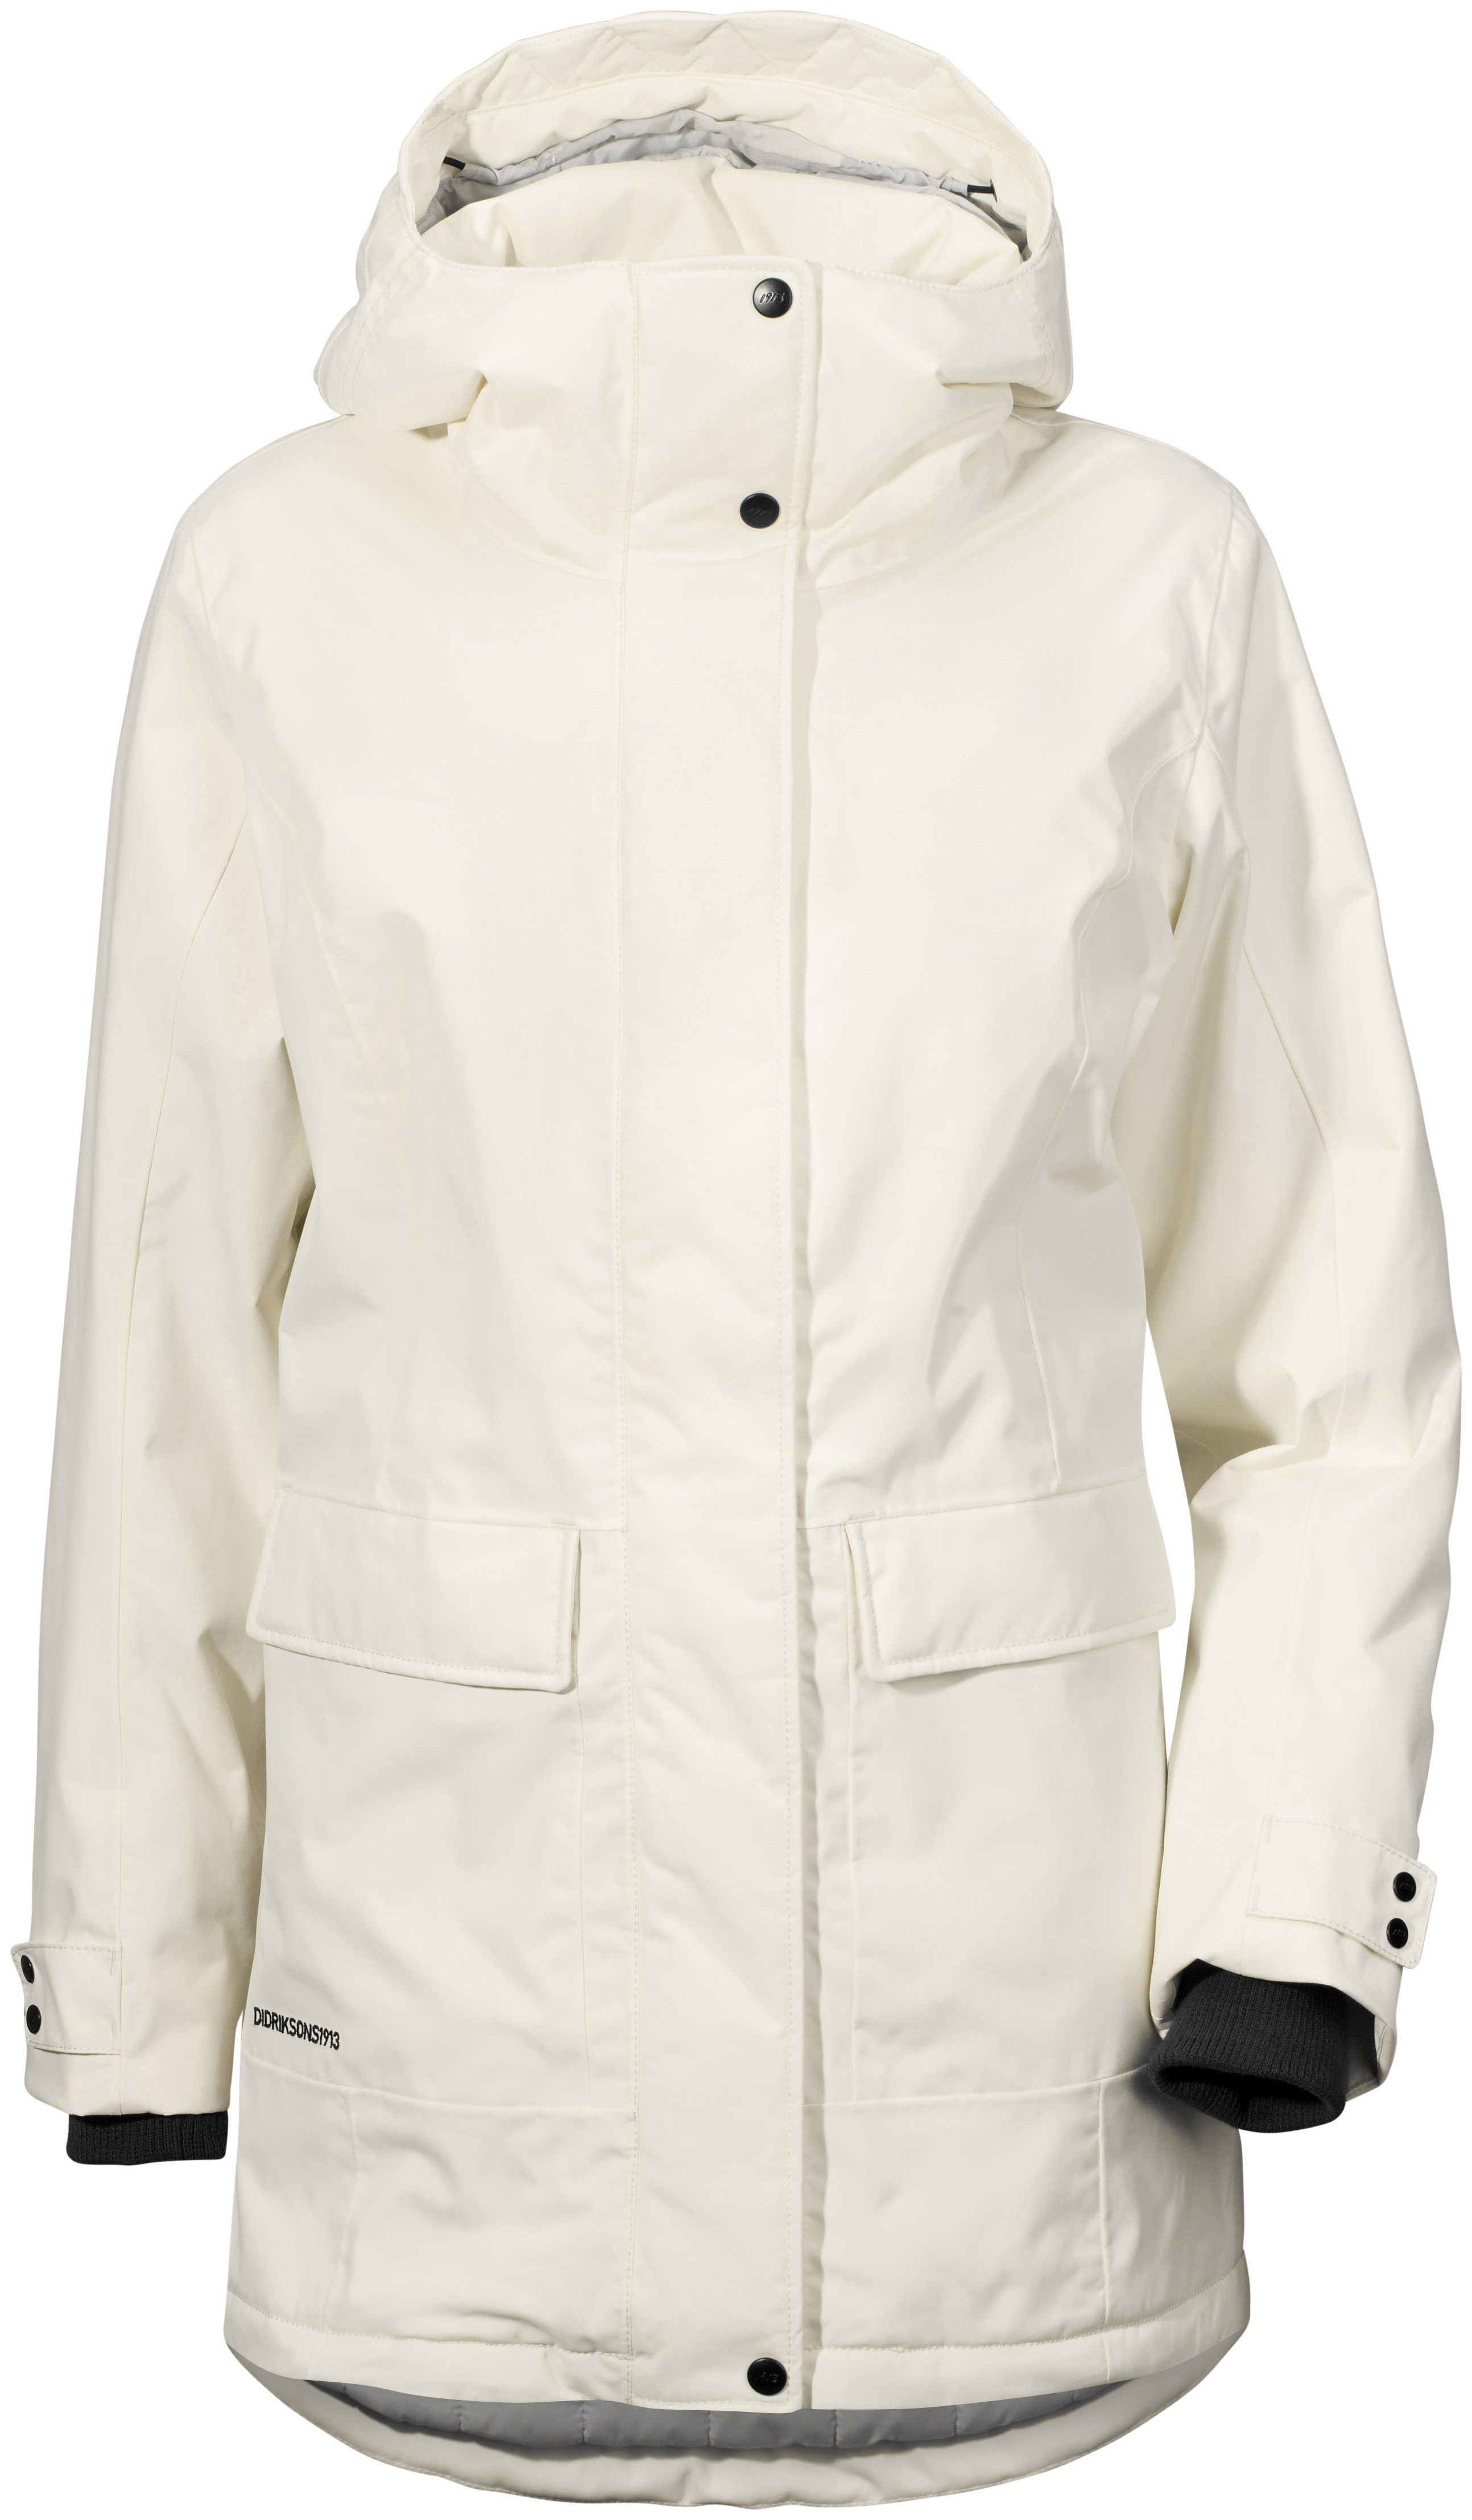 743894af681 Billige jakker til: Parka jakke dame store størrelser lillehammer